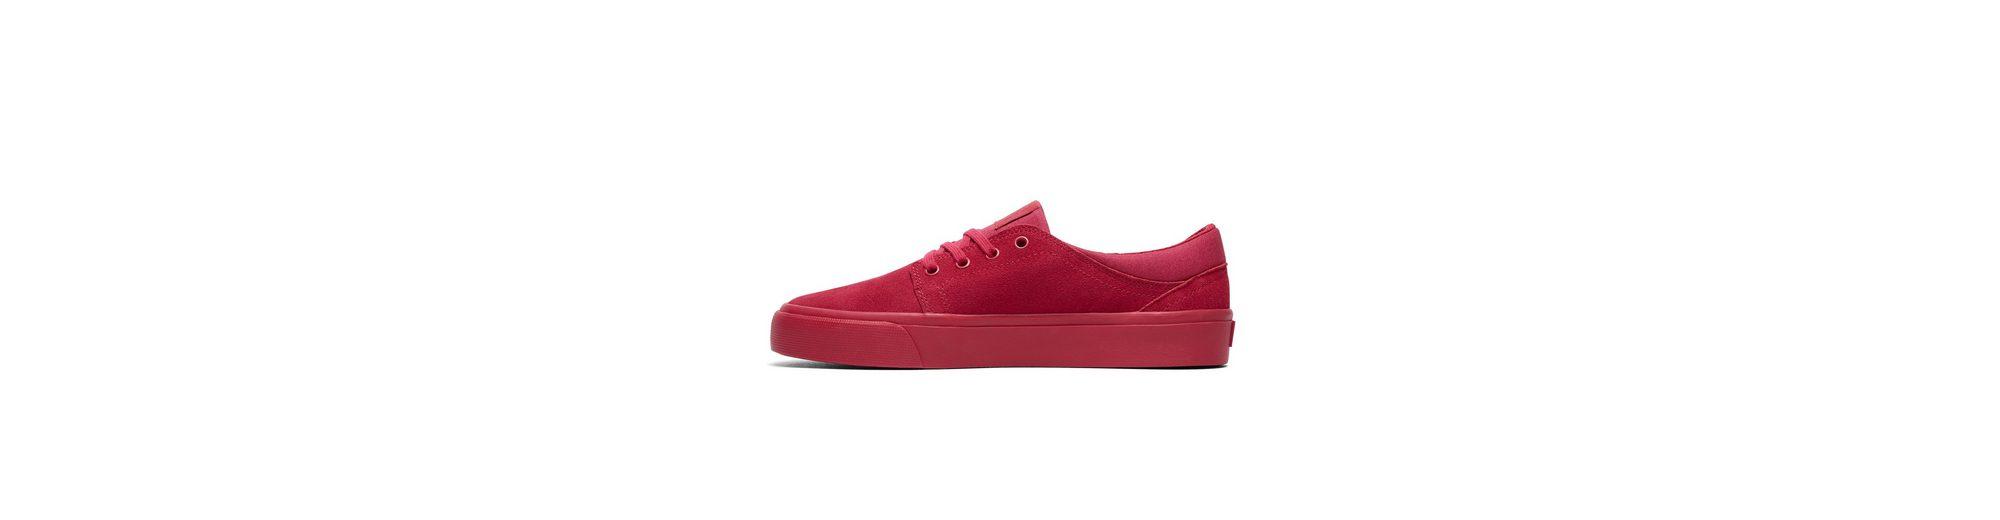 DC Shoes Schuhe Trase SE Ebay Zum Verkauf Niedriger Preis Online Klassische Online-Verkauf RHOugZki